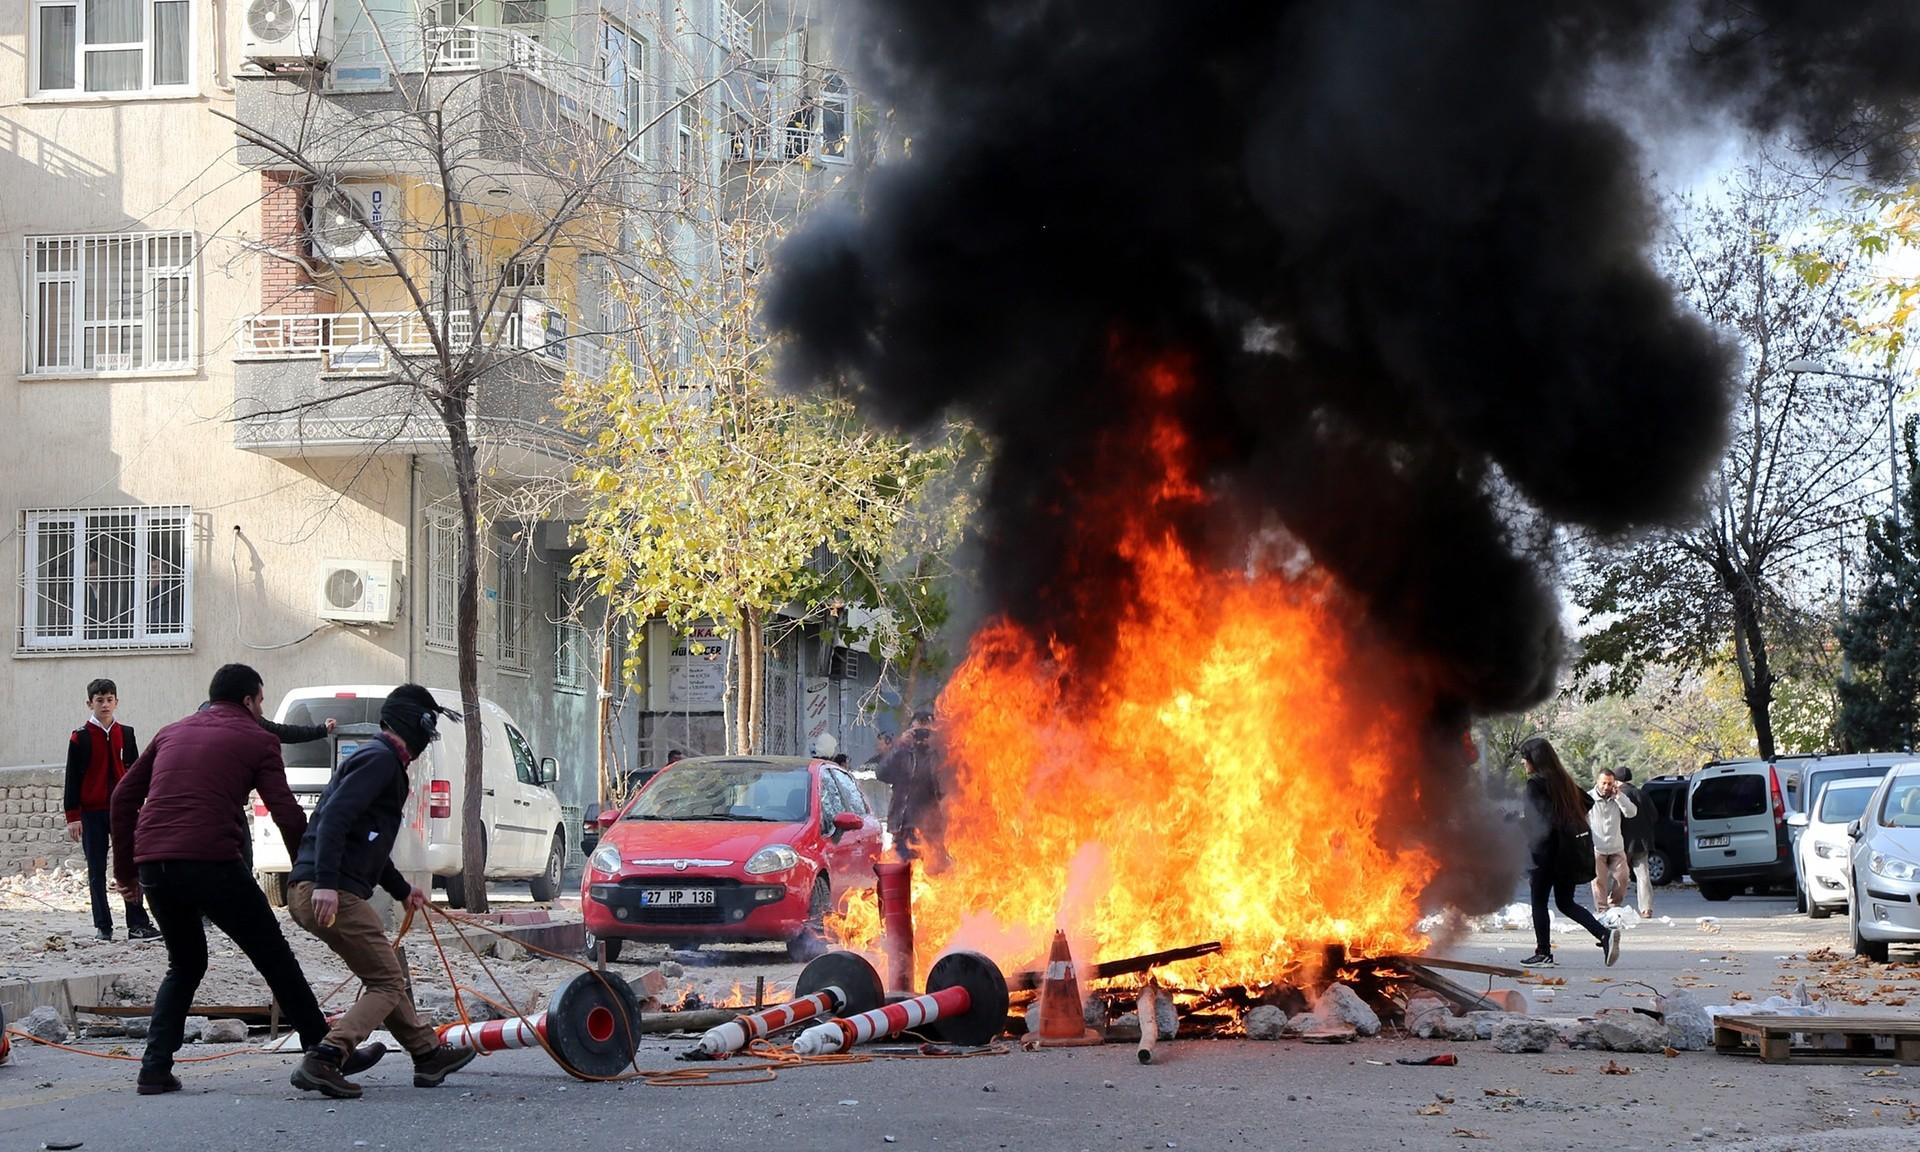 Втурецком Диярбакыре при взрыве автомобиля пострадали 15 человек